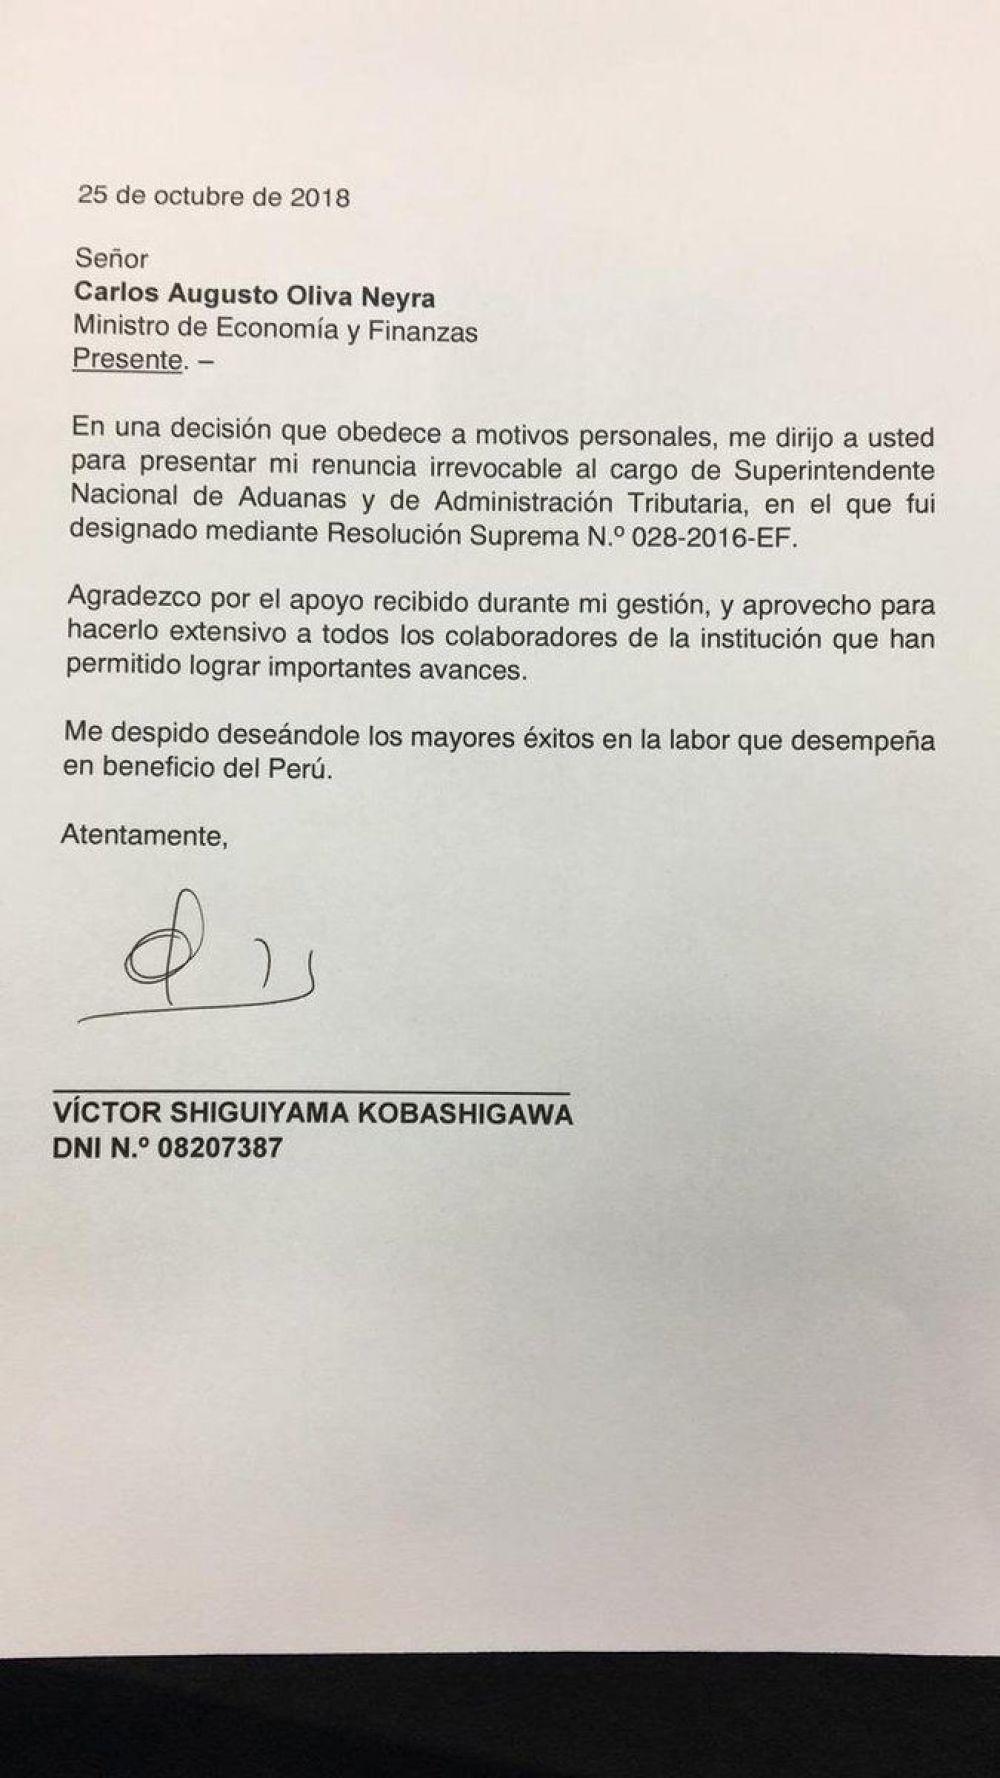 Carta de Víctor Shiguiyama